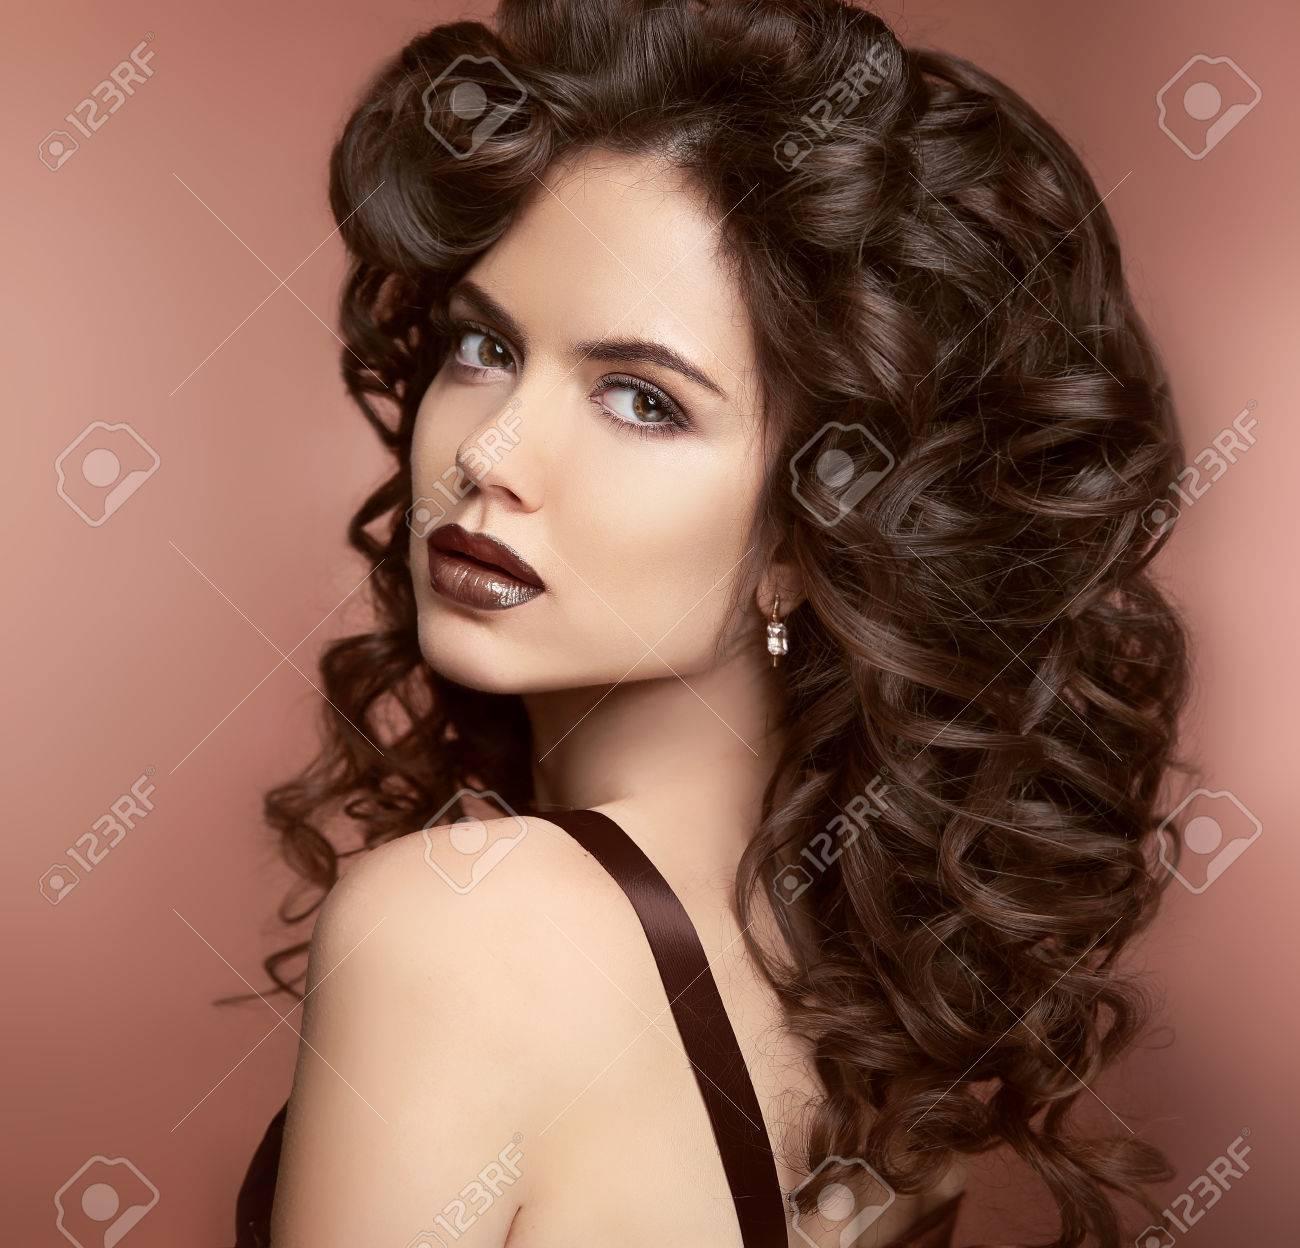 Levres Maquillage Coiffure Cheveux Frises Beauty Girl Portrait Fashion Belle Femme Avec Des Cheveux Ondules Saine Et Rouge A Levres Fonce Banque D Images Et Photos Libres De Droits Image 55684322